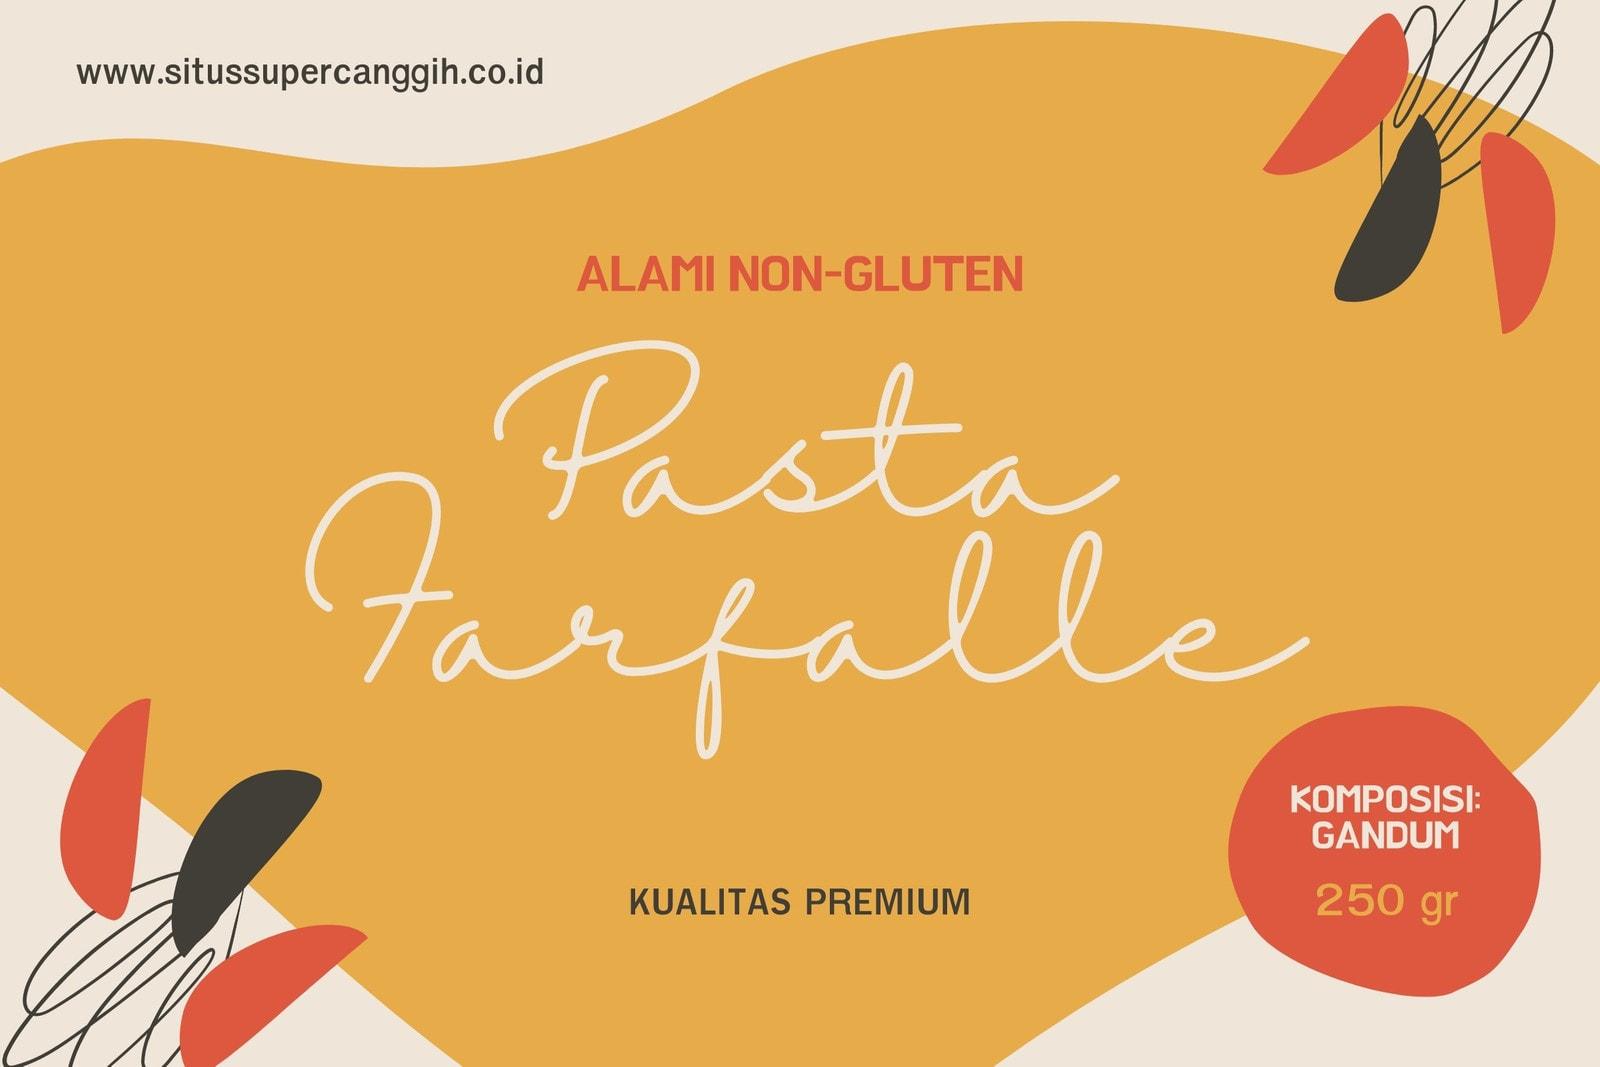 Label Makanan Pasta Farfalle Ilustrasi Oranye dan Putih